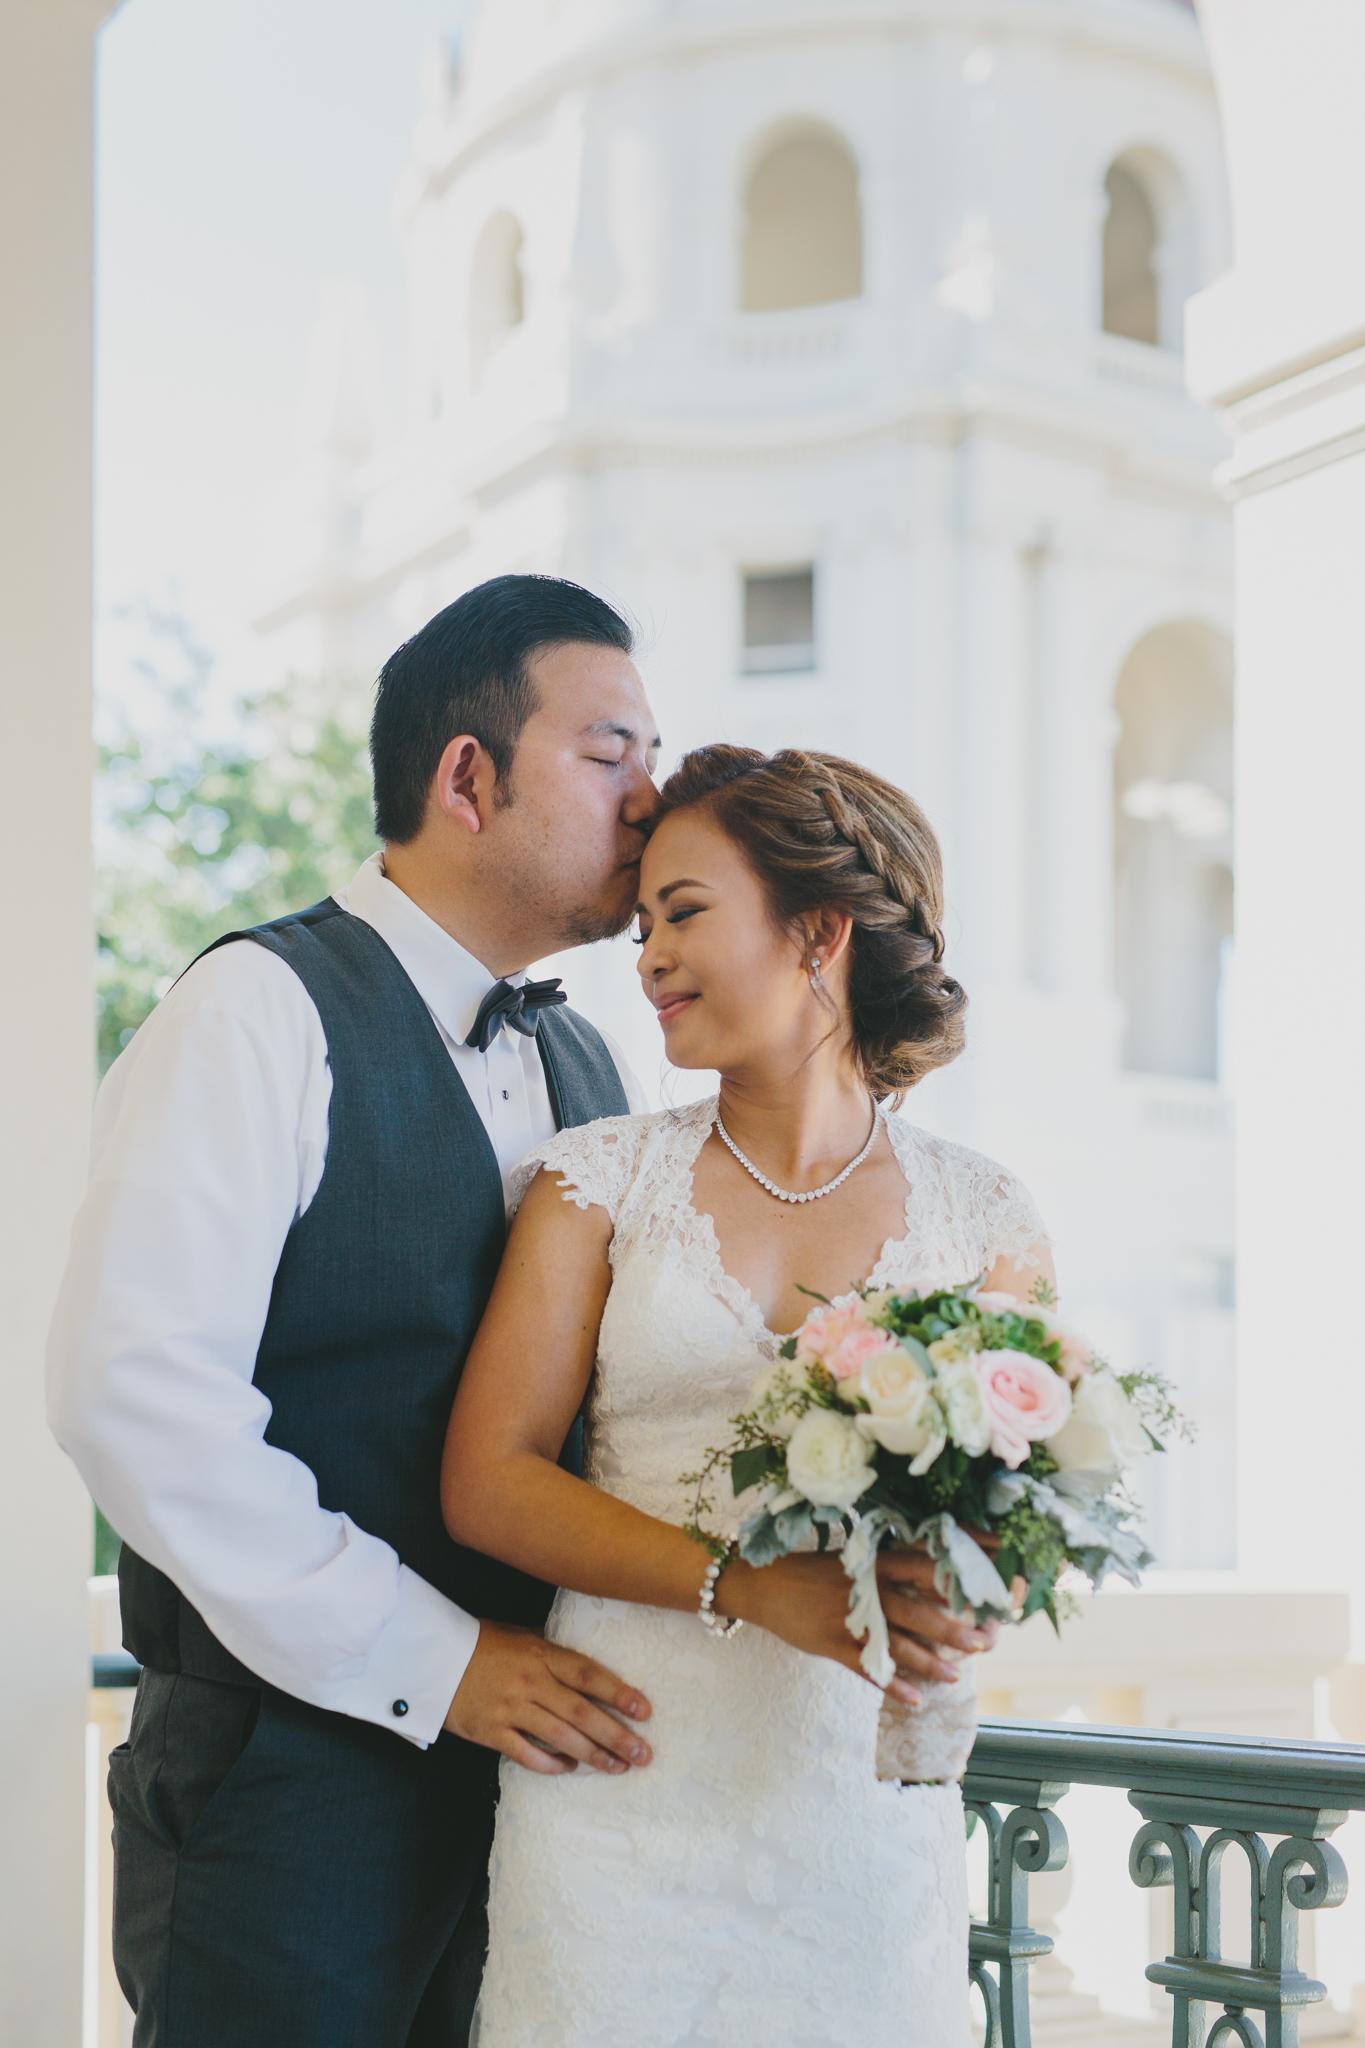 rl-Wedding-Portraits-Som+Yusuke-128.jpg